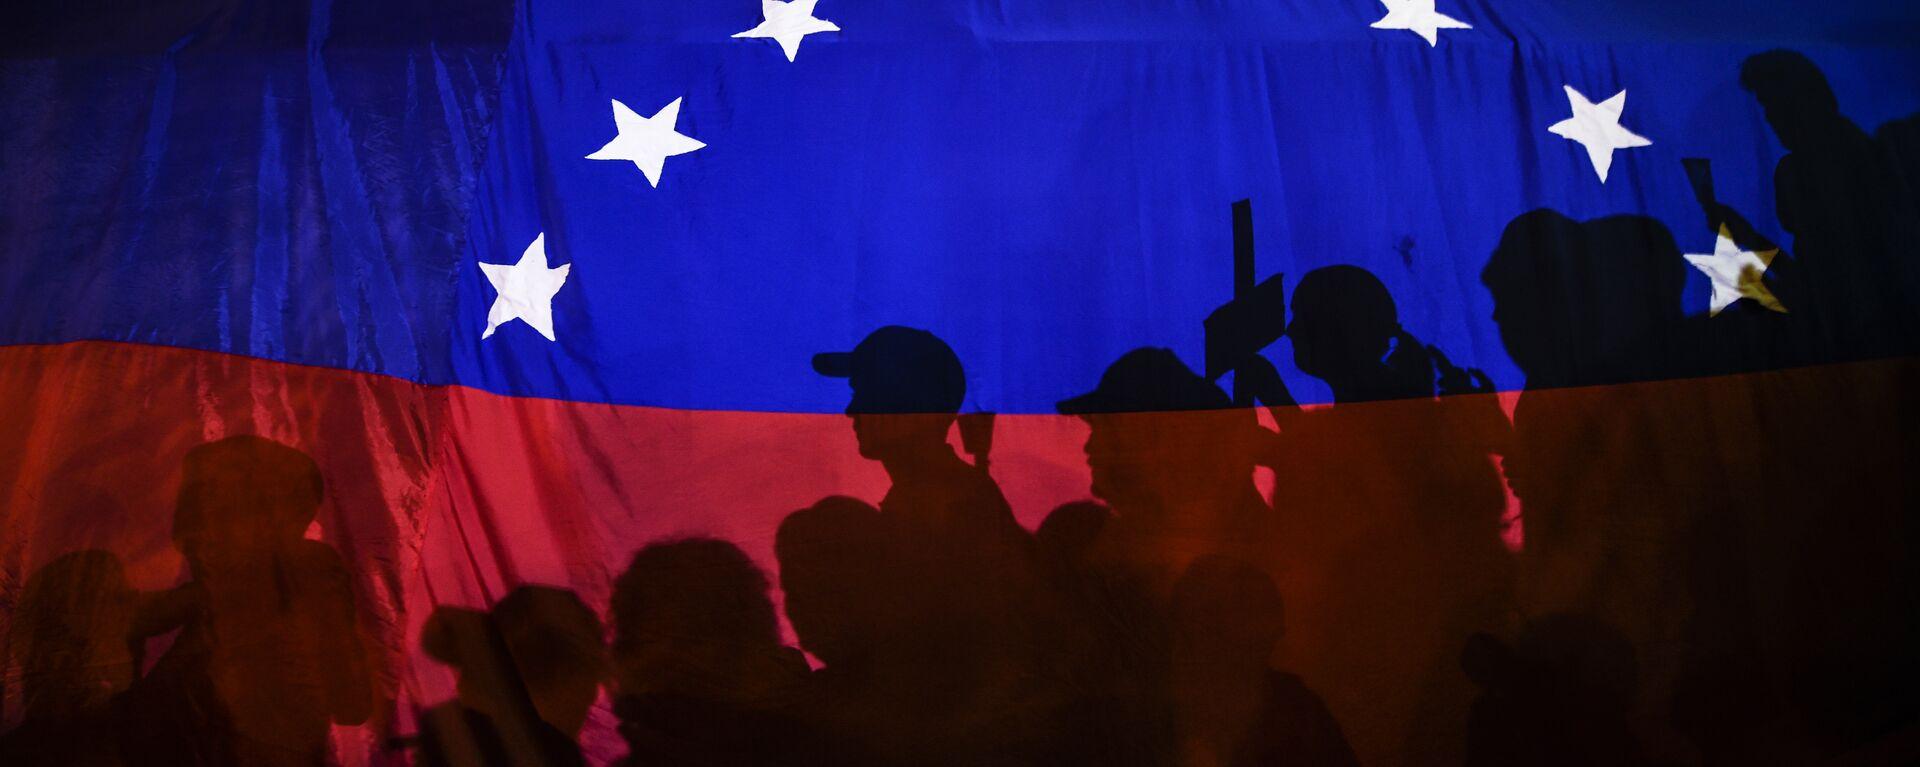 La bandera de Venezuela - Sputnik Mundo, 1920, 14.08.2021